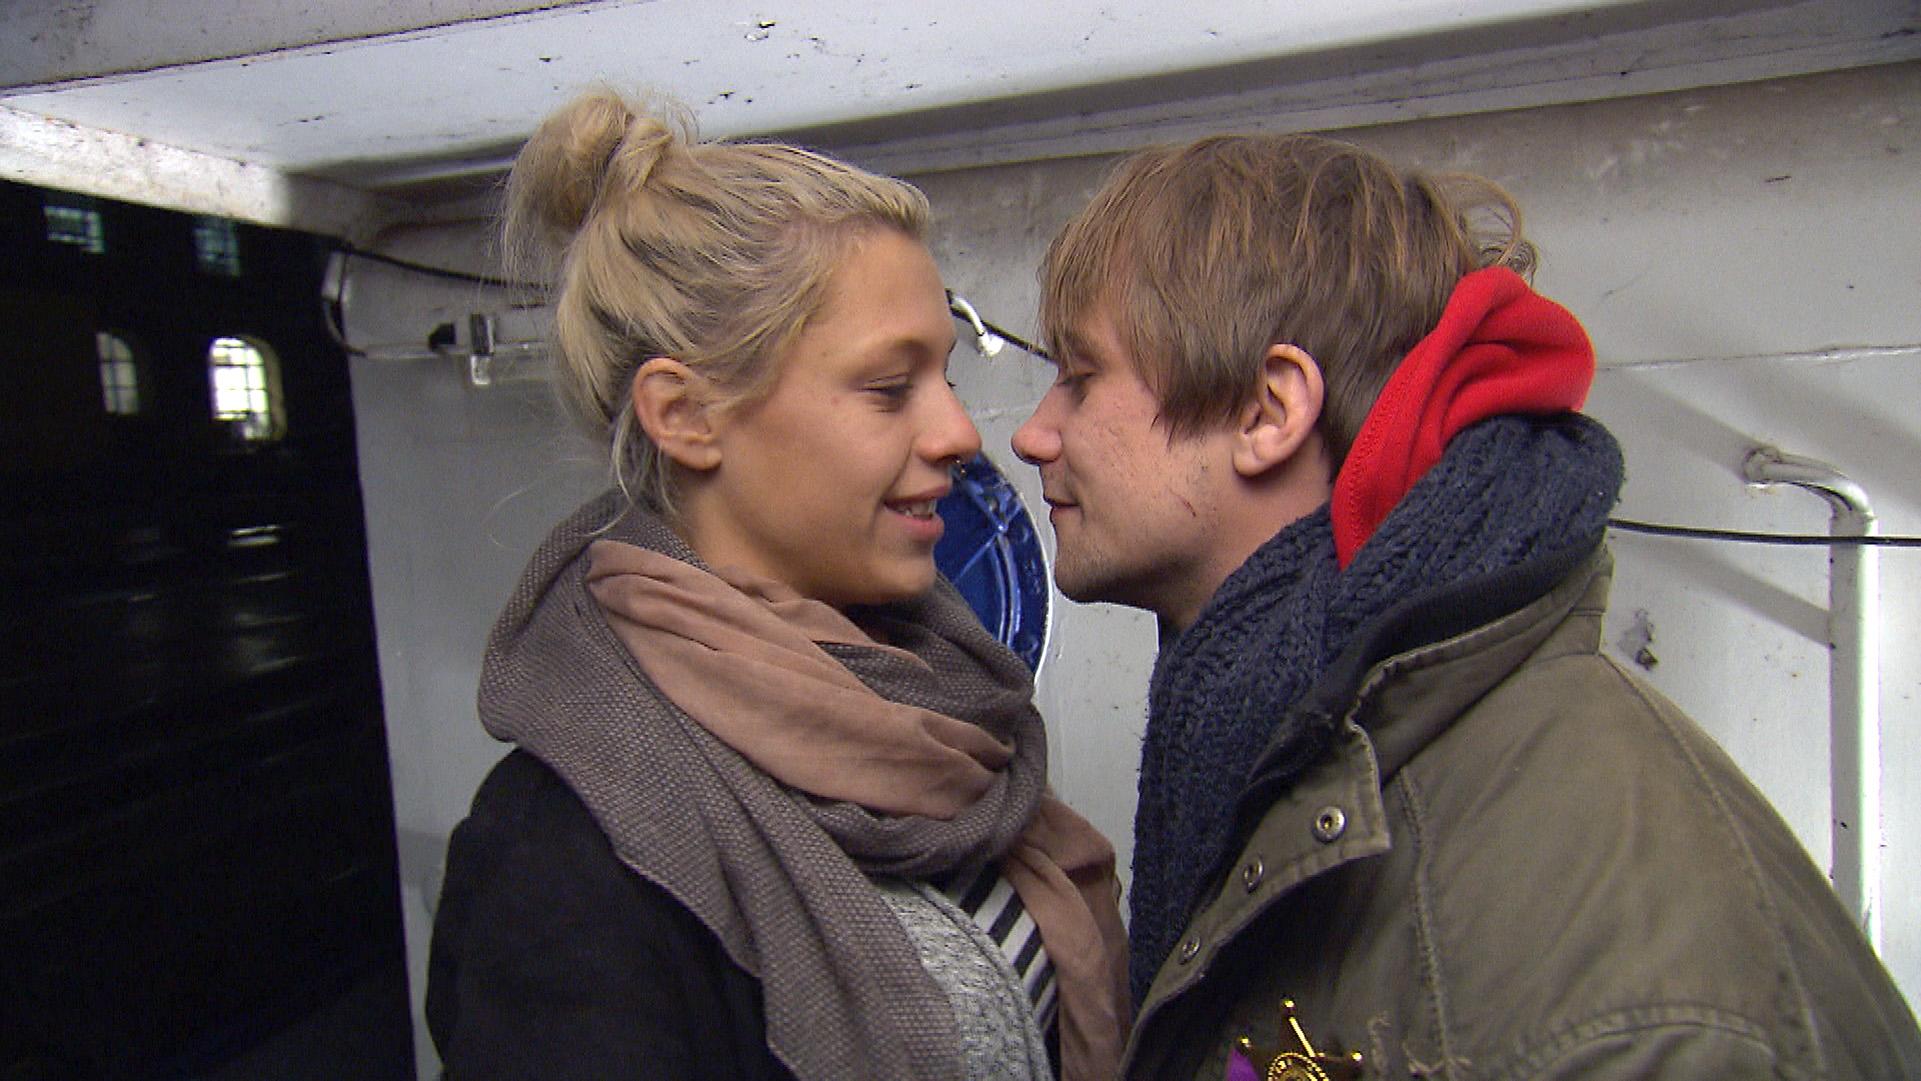 Schmidti wagt einen letzten verzweifelten Vorstoß bei Kiara und zunächst wirkt es so, als hätte er Erfolg... (Quelle: RTL 2)